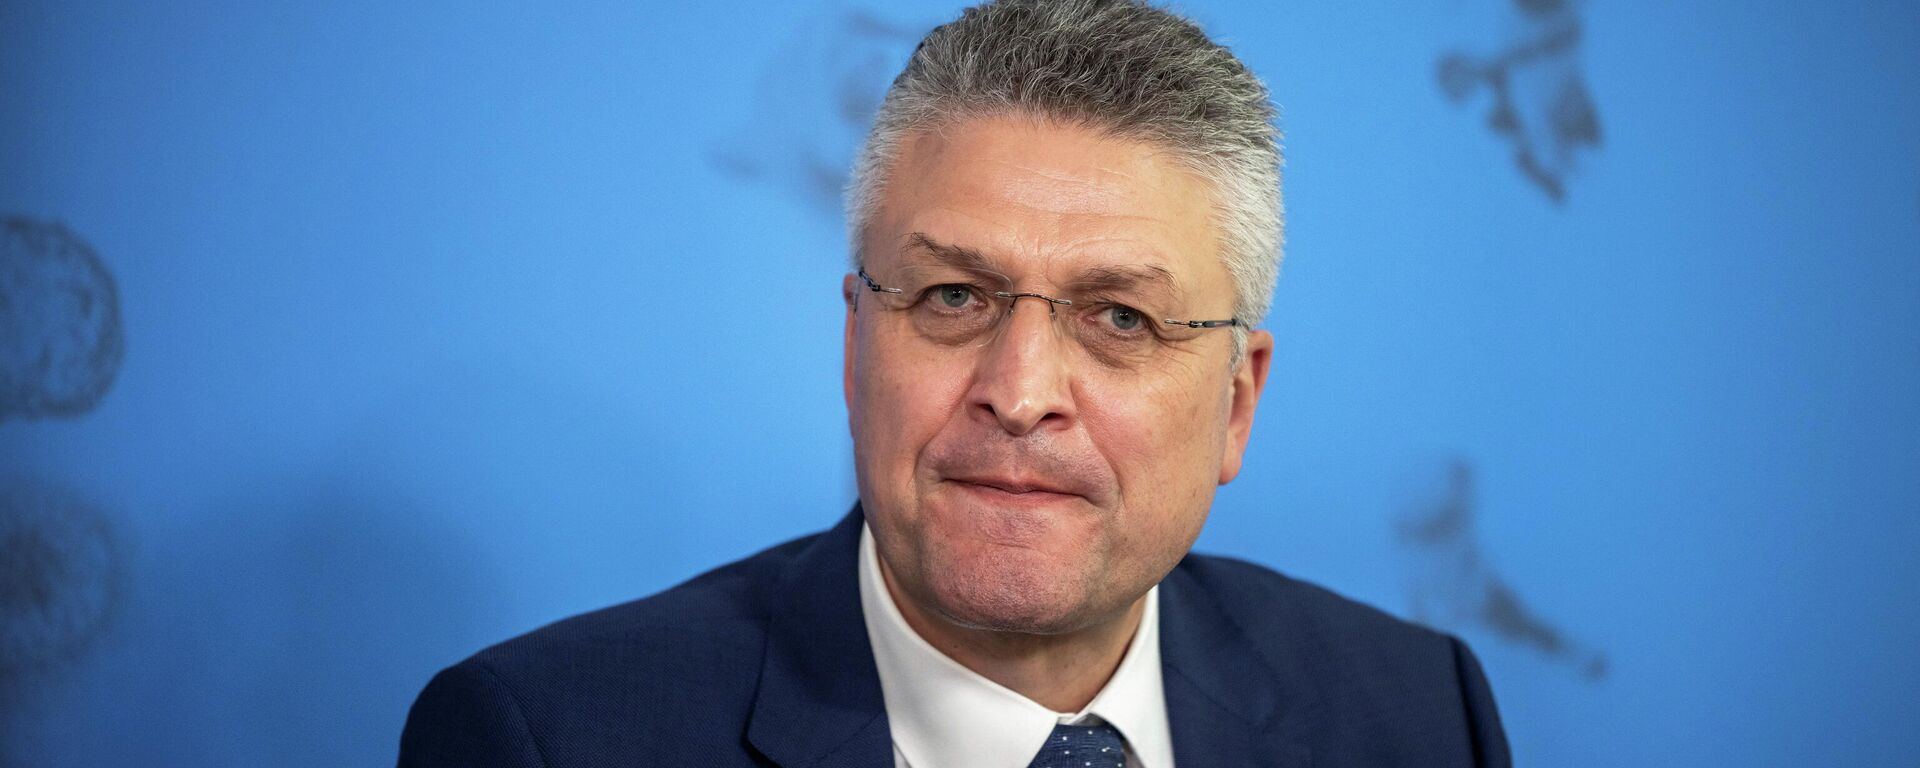 Der Präsident des Robert Koch-Instituts Lothar Wieler nimmt am 13. Juli 2021 in Berlin an einer Pressekonferenz zu Corona-Pandemie teil. - SNA, 1920, 28.07.2021